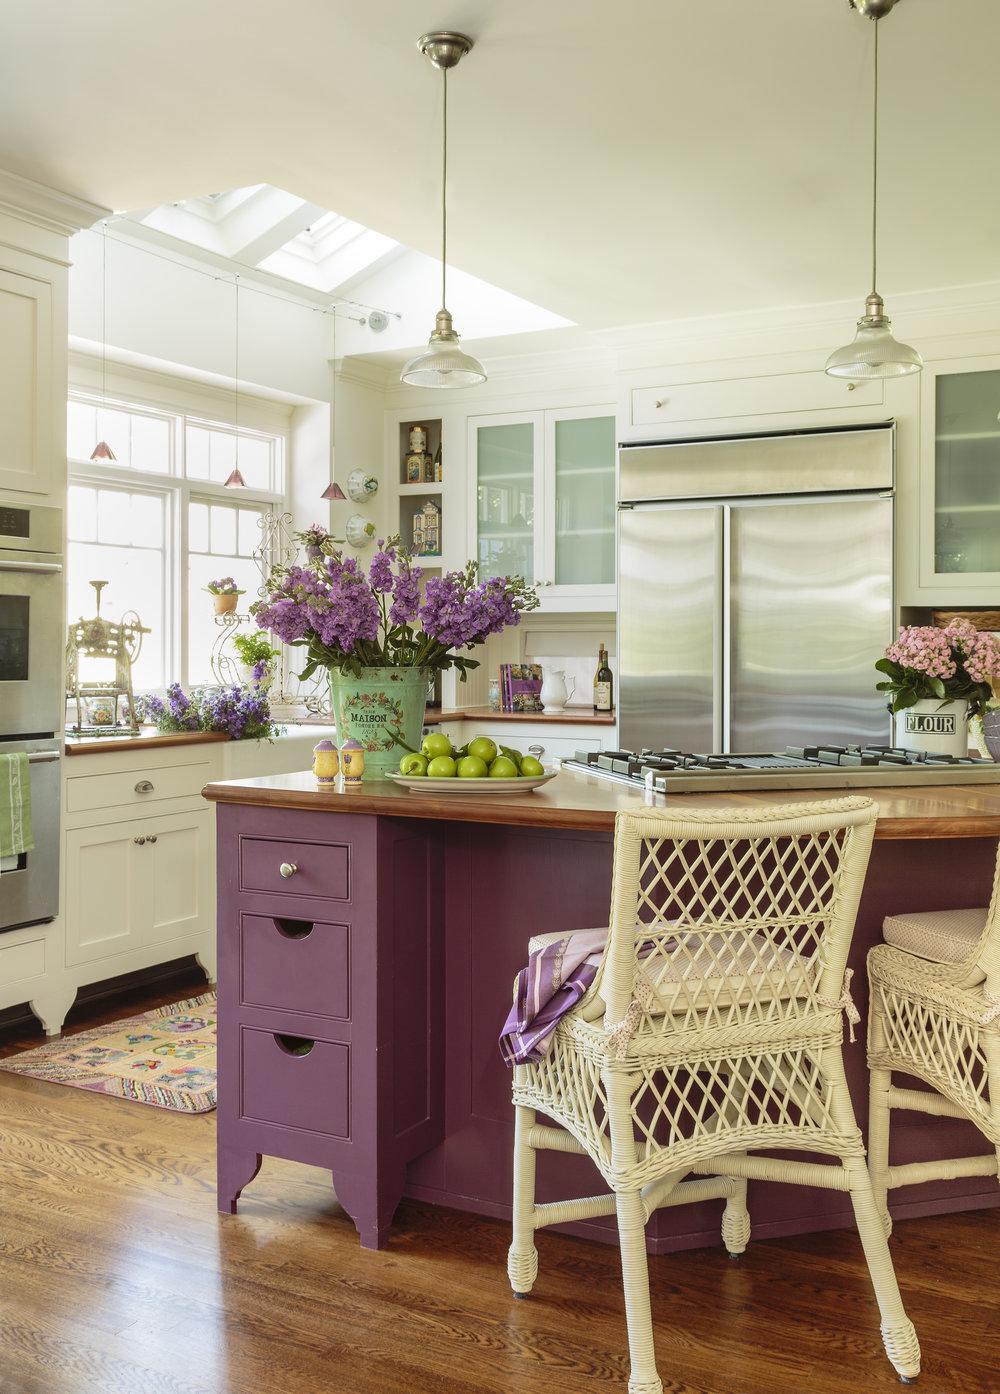 1404_lohman_swartz_SM-8649-Kitchen.jpg